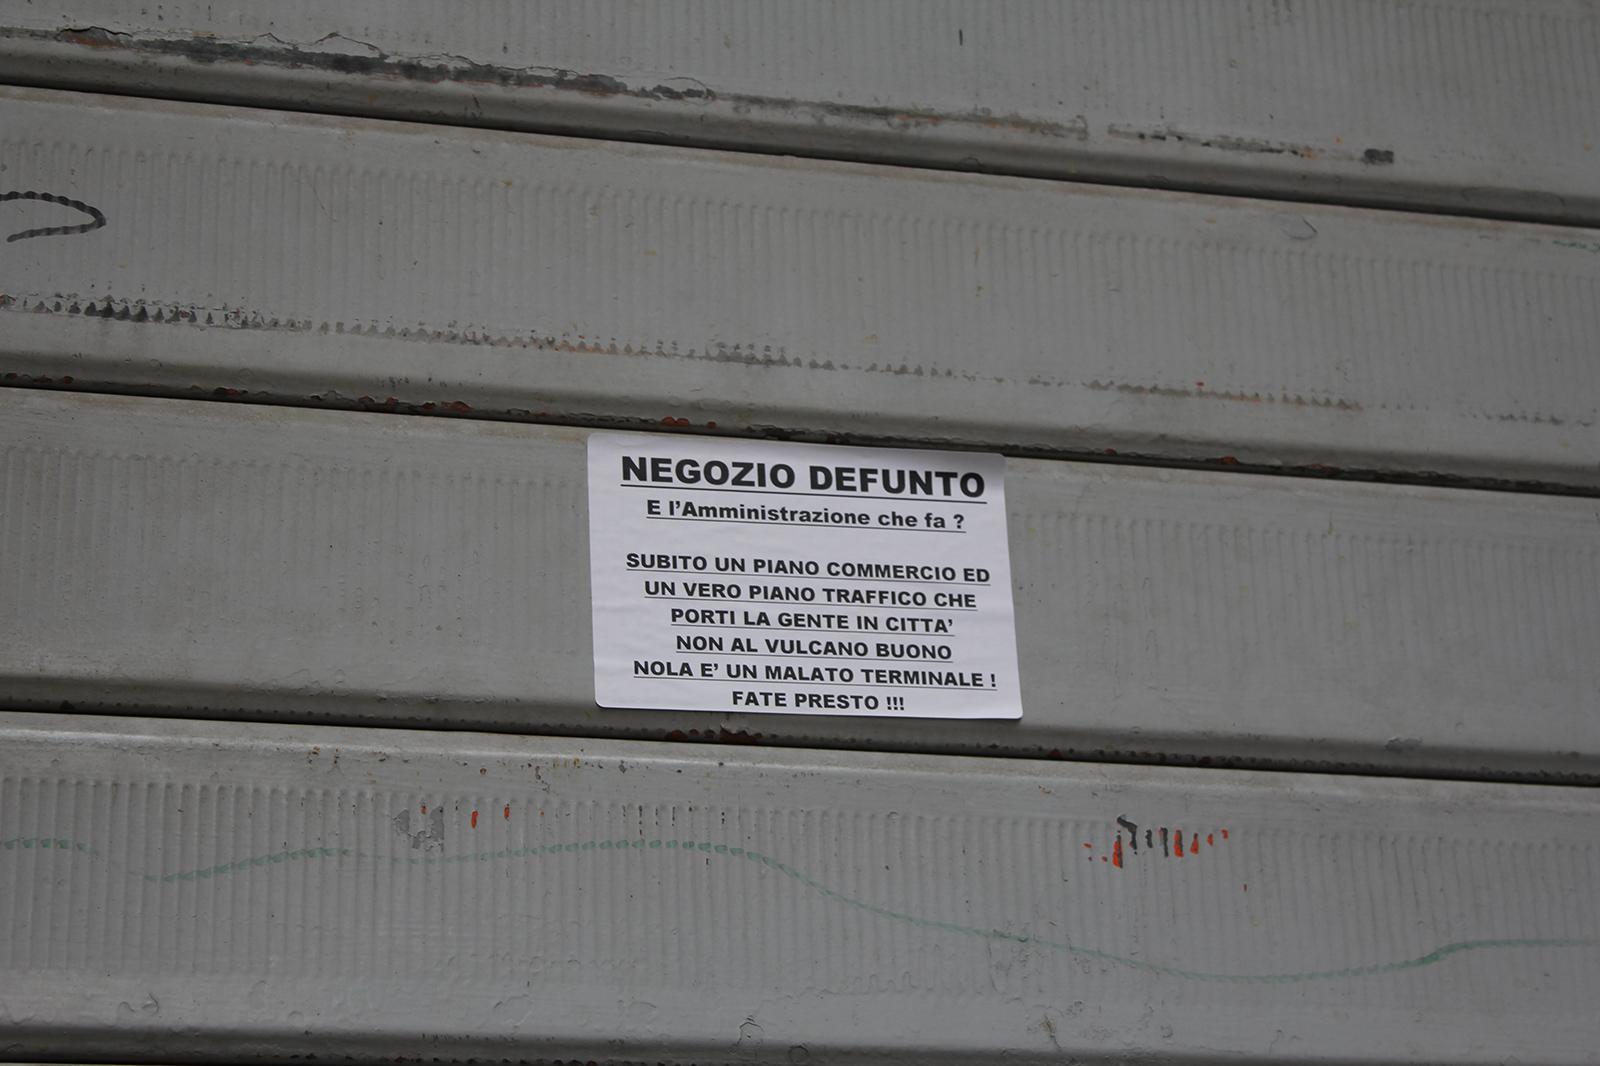 corso-tommaso-vitale-negozi-chiusi-12